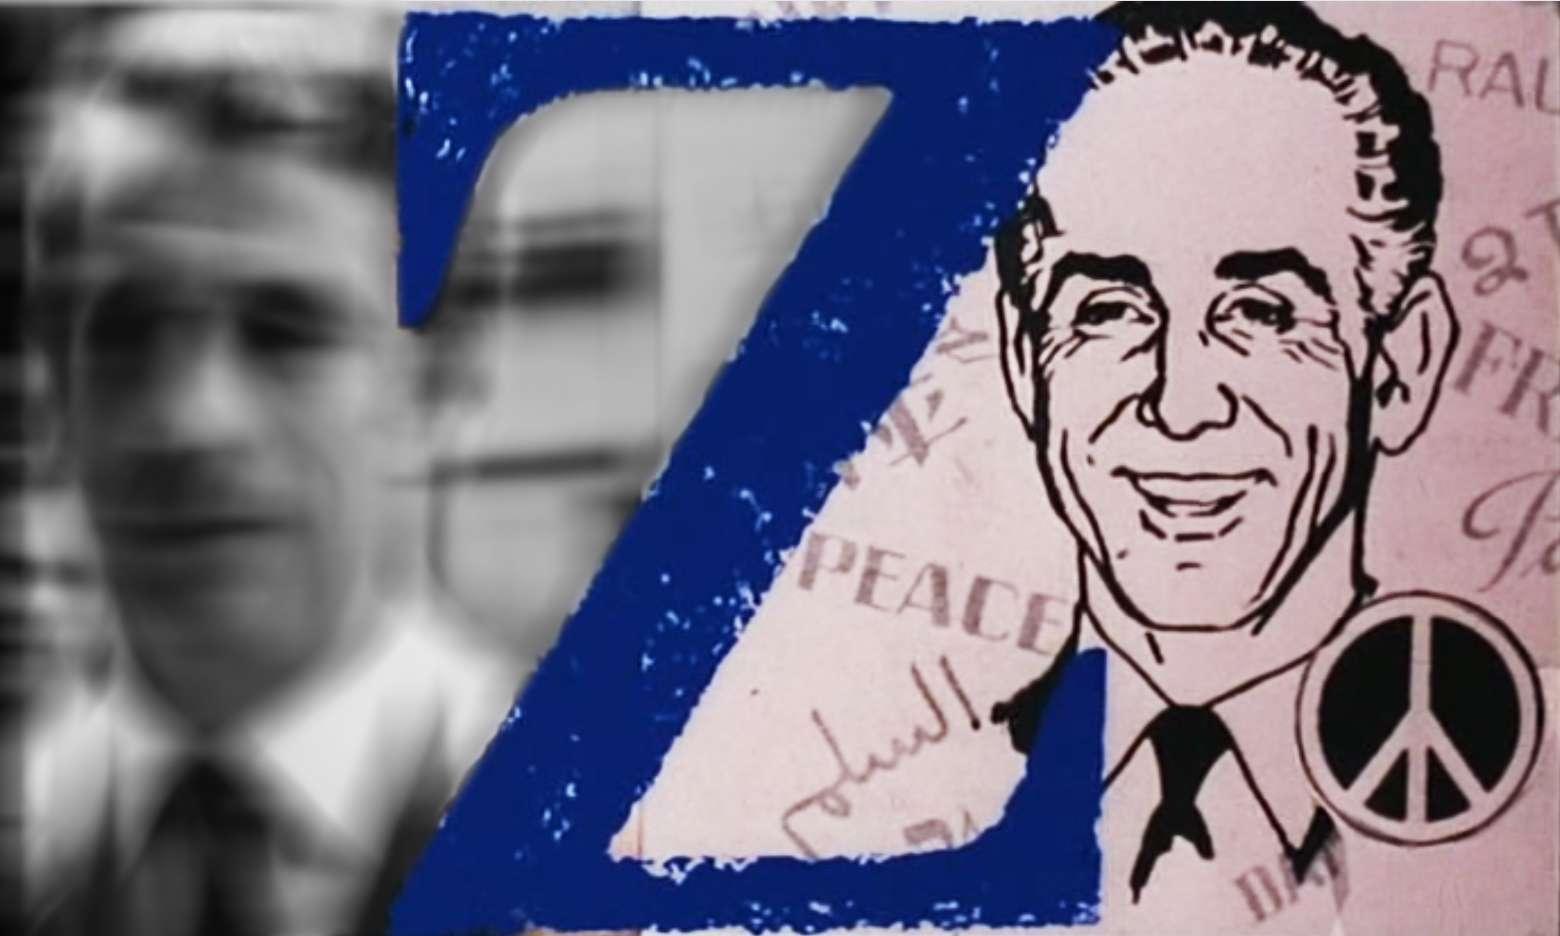 ΕΕΔΥΕ-ΕΔΥΕΘ: Εκδηλώσεις τιμής για τον Γρ. Λαμπράκη